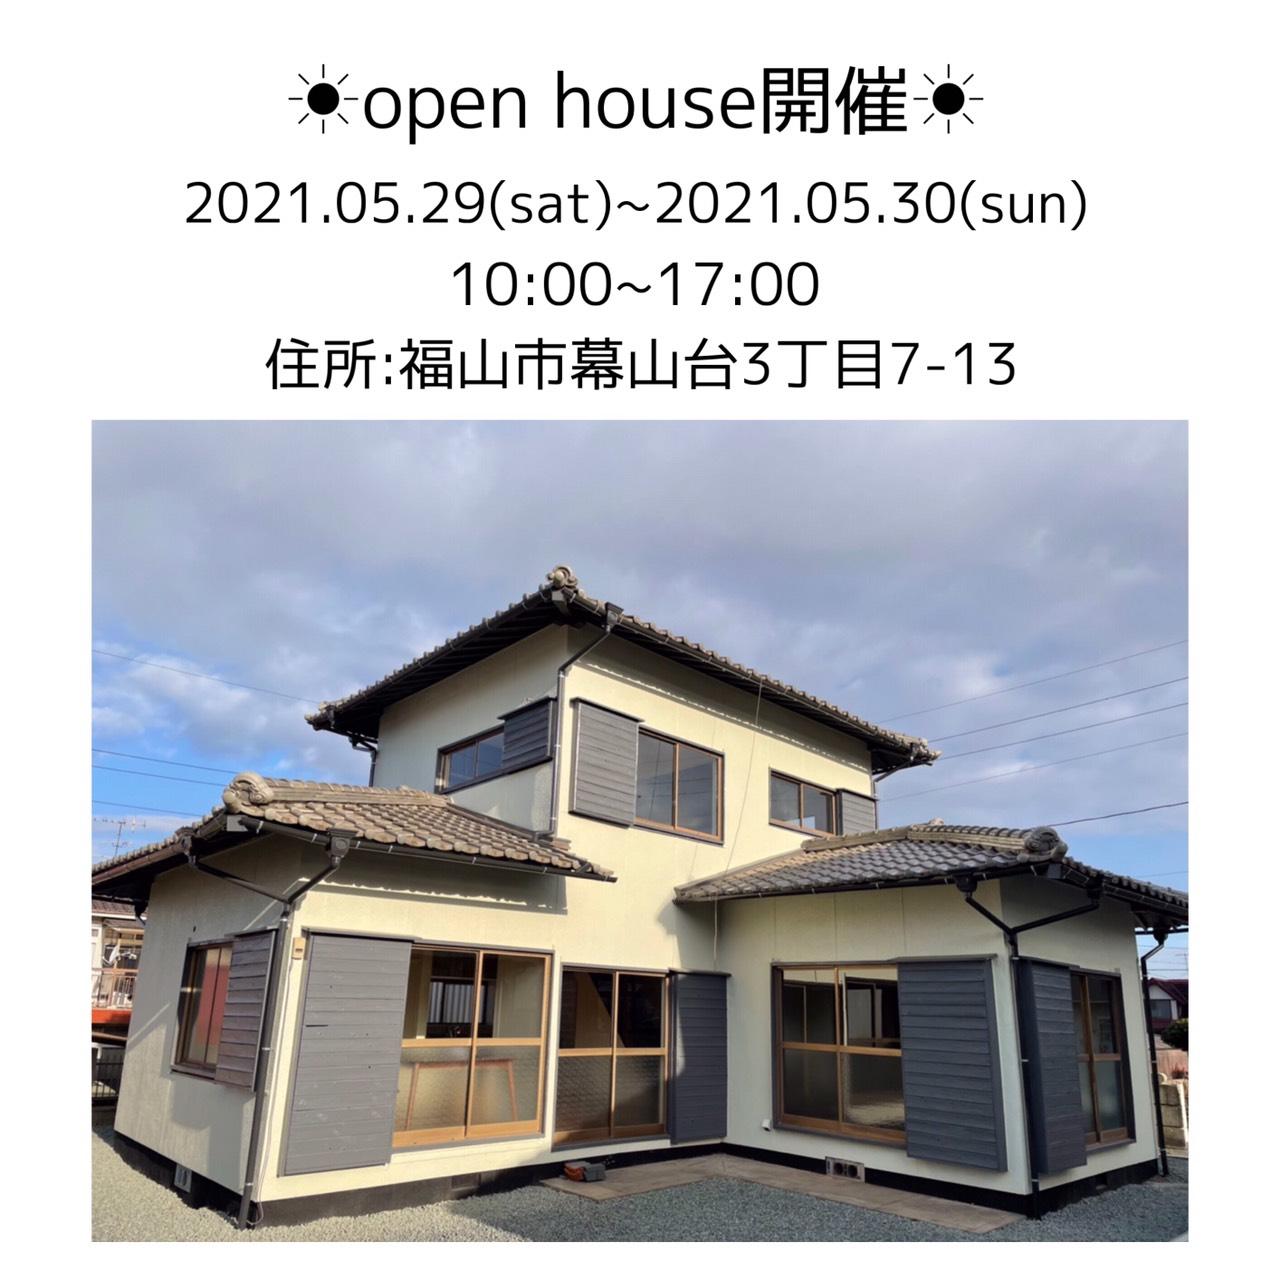 福山市幕山台オープンハウス開催します!!